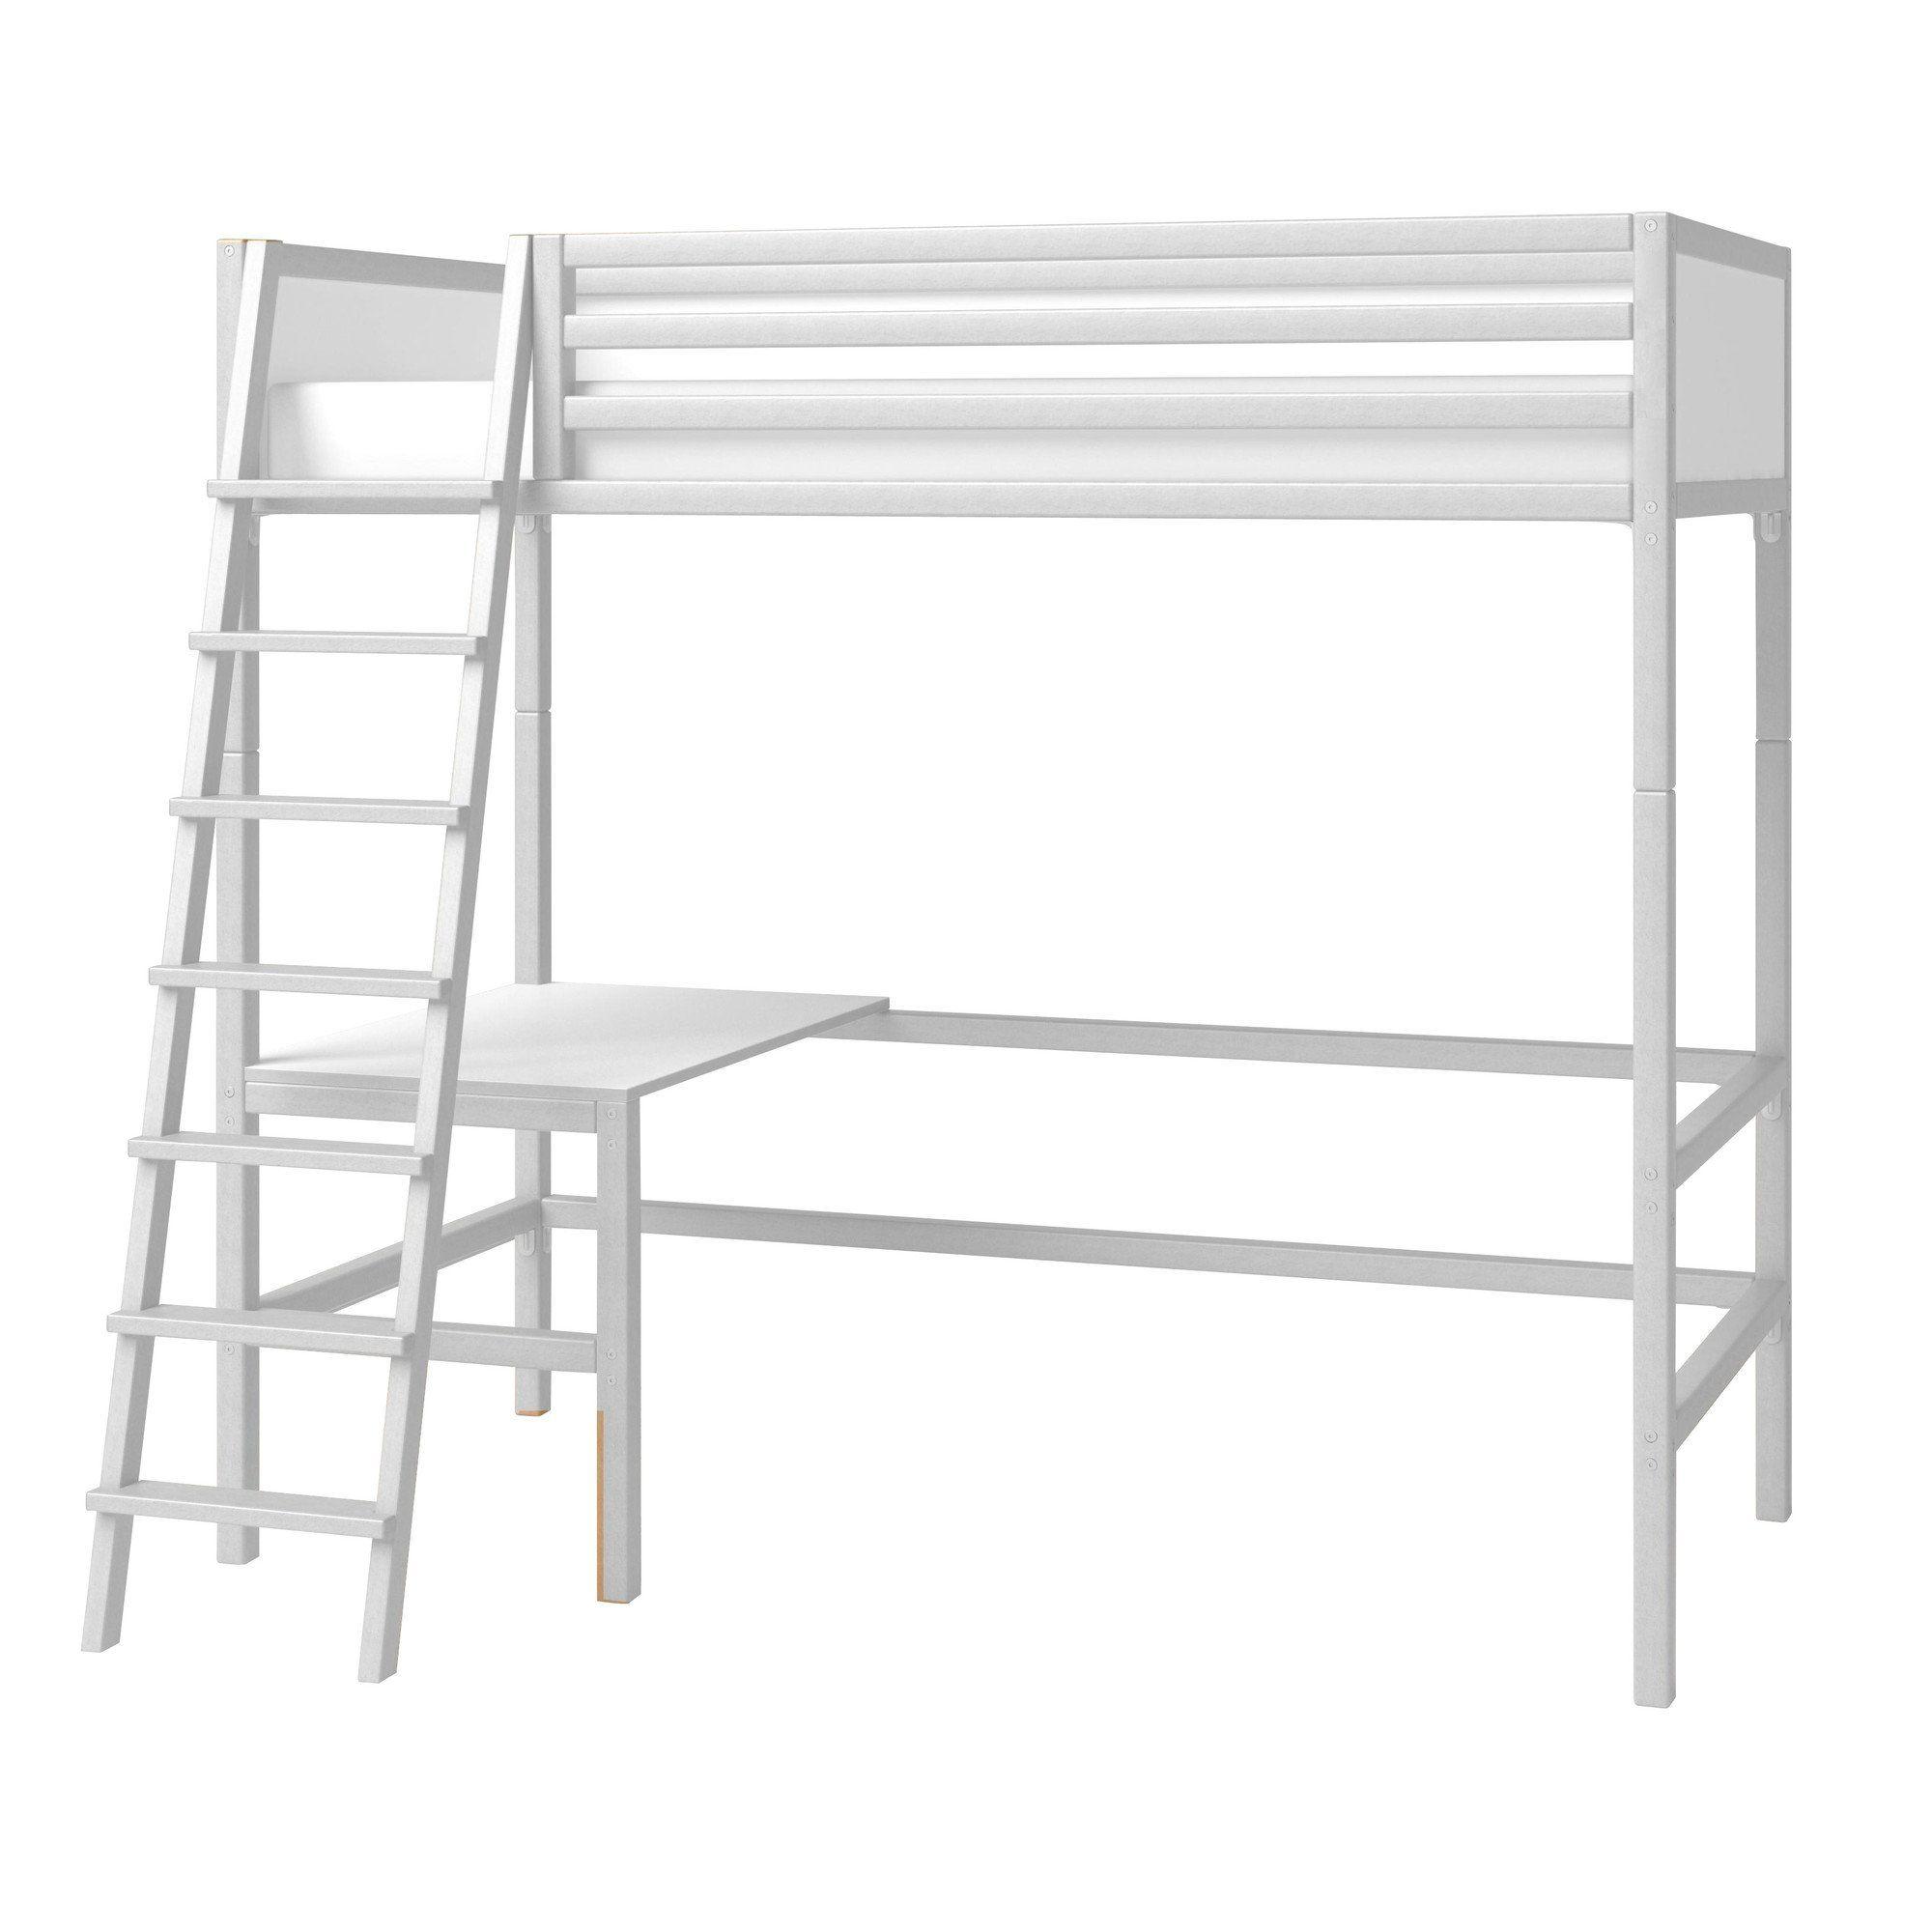 matratze fr hochbett trendy zwei betten in einem trendy affordable hochbett fr zwei with. Black Bedroom Furniture Sets. Home Design Ideas